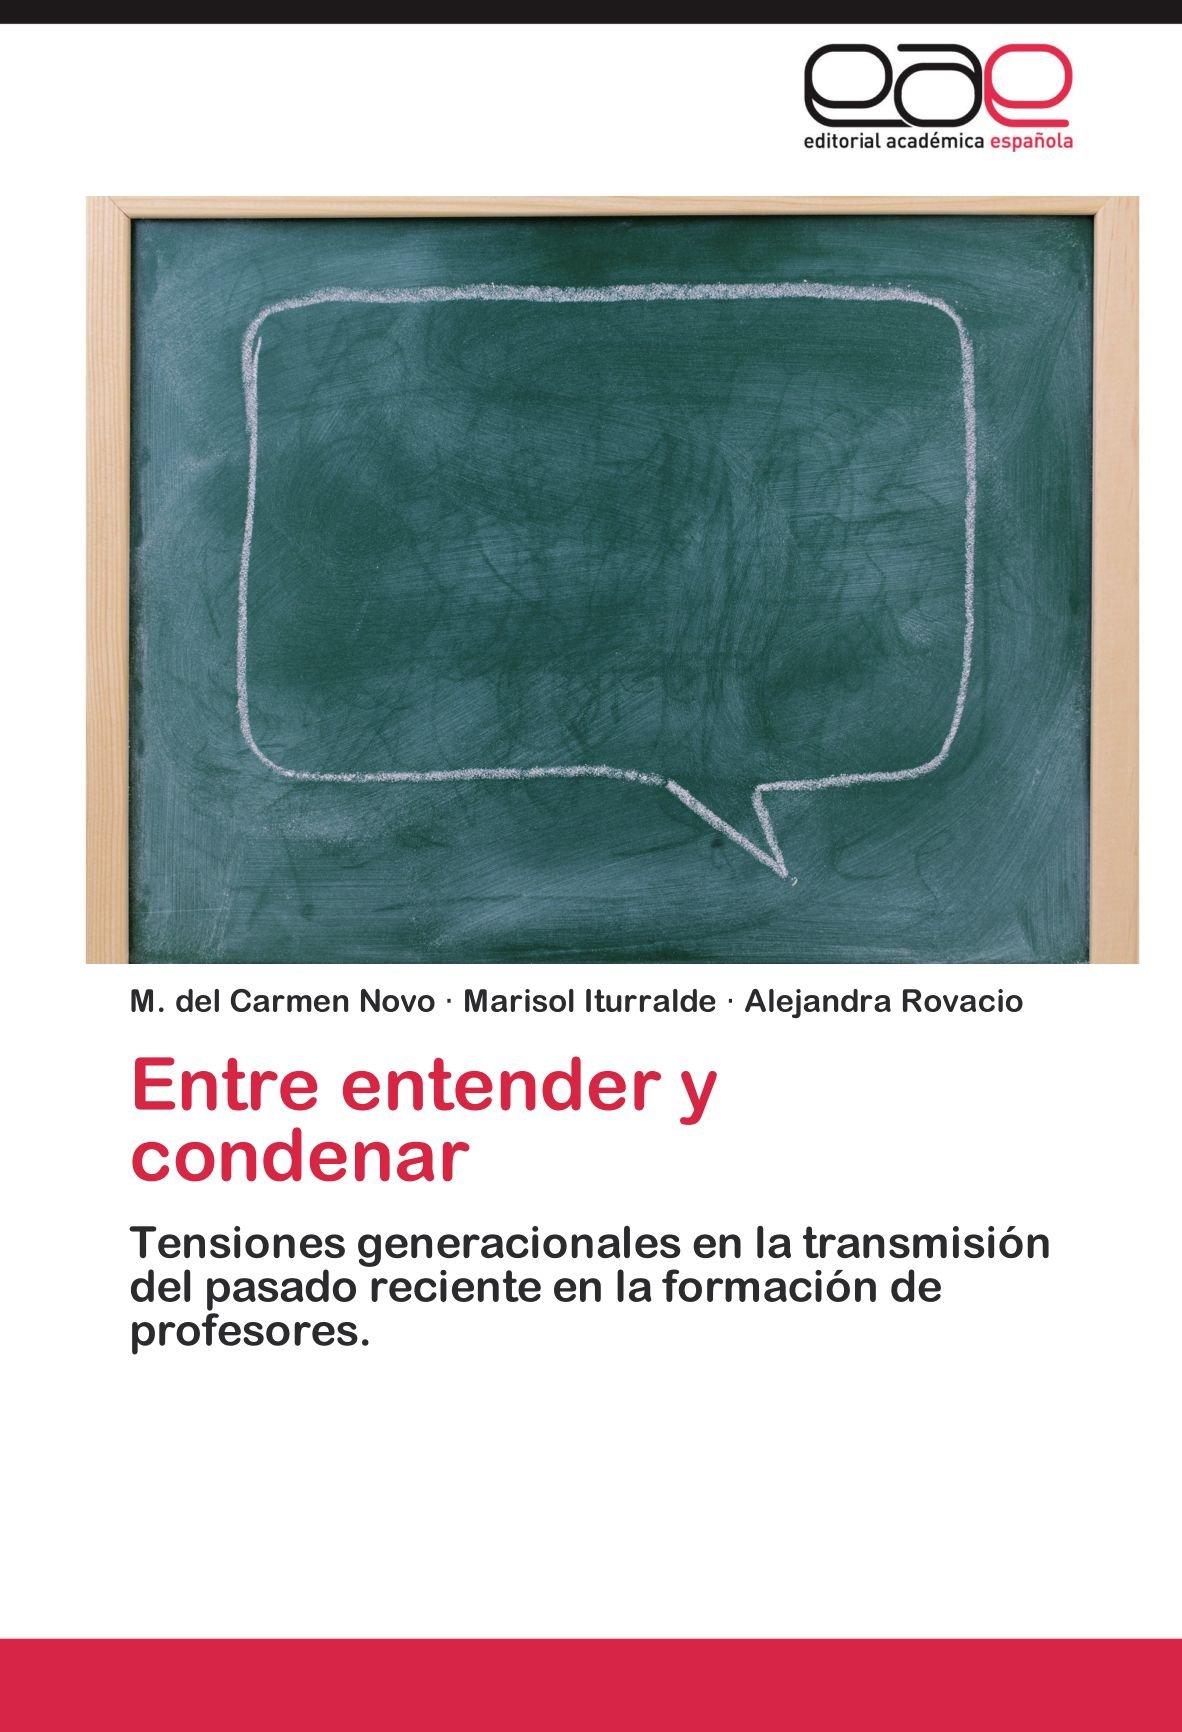 Entre entender y condenar: Tensiones generacionales en la ...